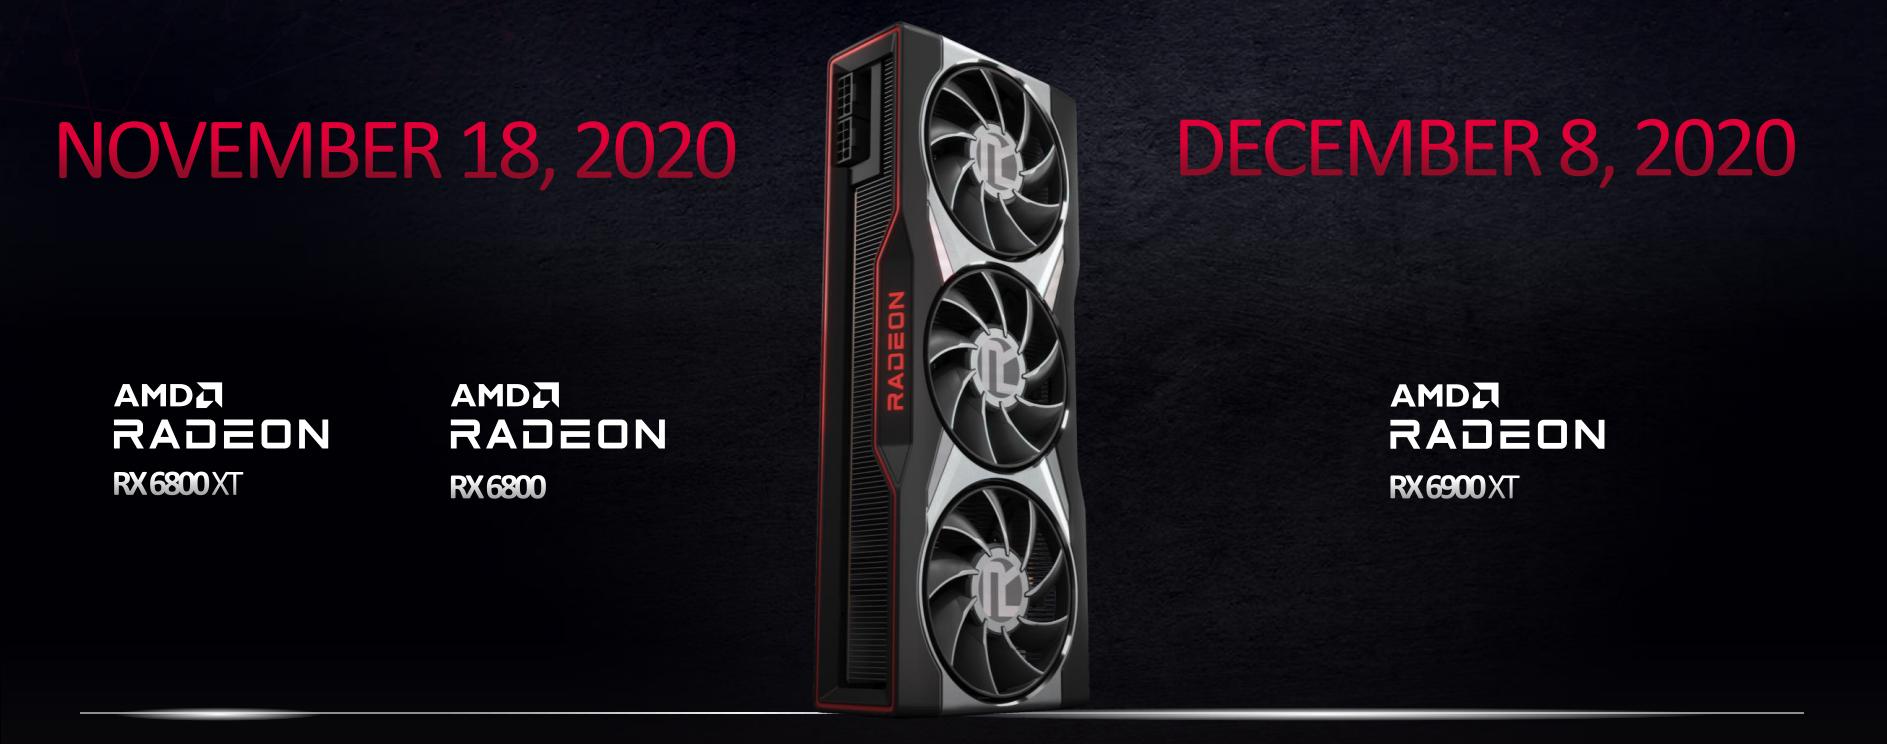 AMD Radeon RX 6900 XT vs RX 6800 XT vs RX 6800